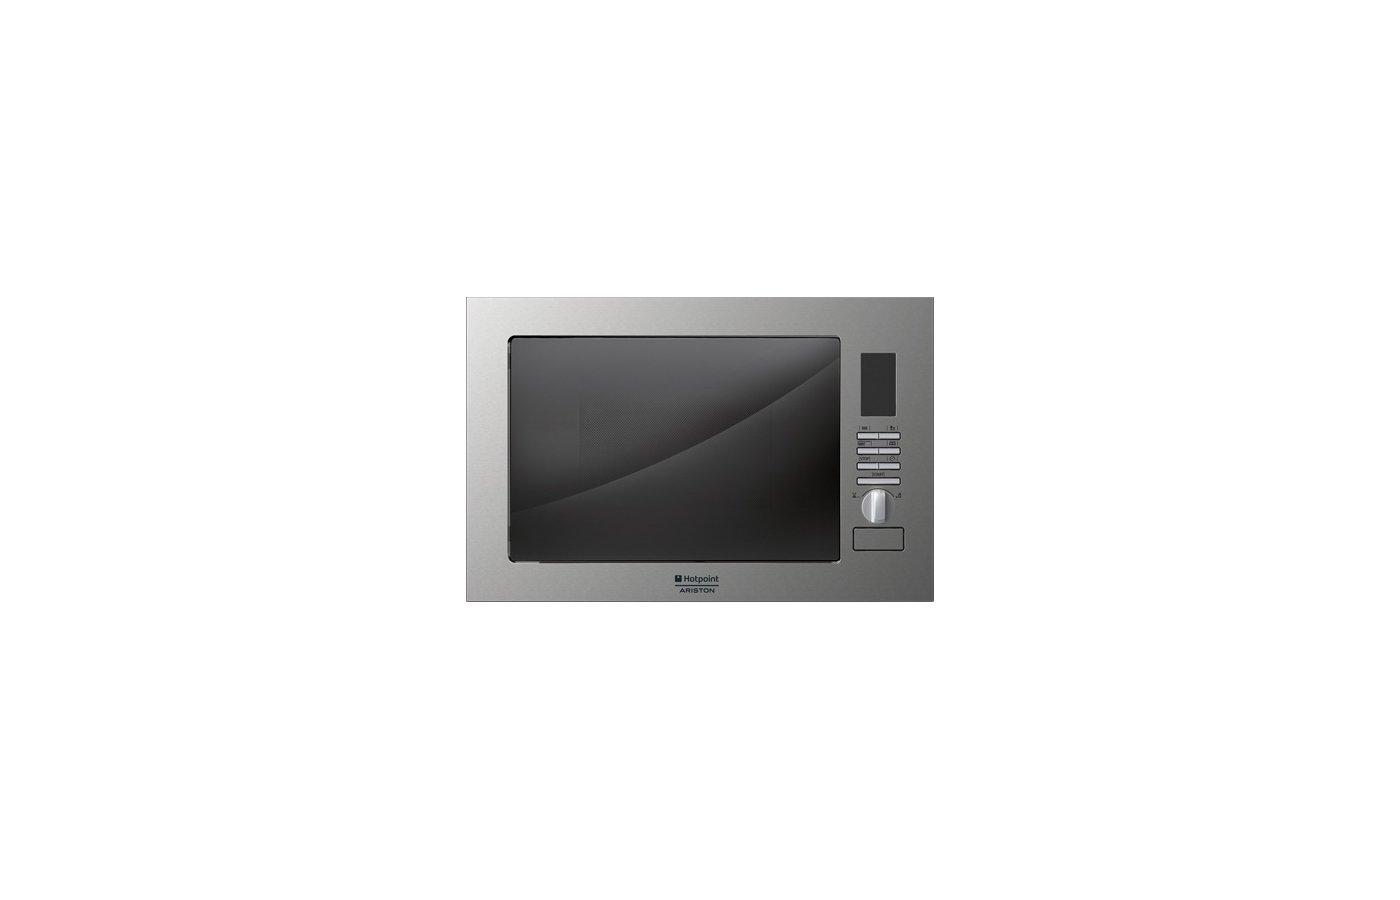 Встраиваемая микроволновая печь HOTPOINT-ARISTON MWK 222.1 X/HA